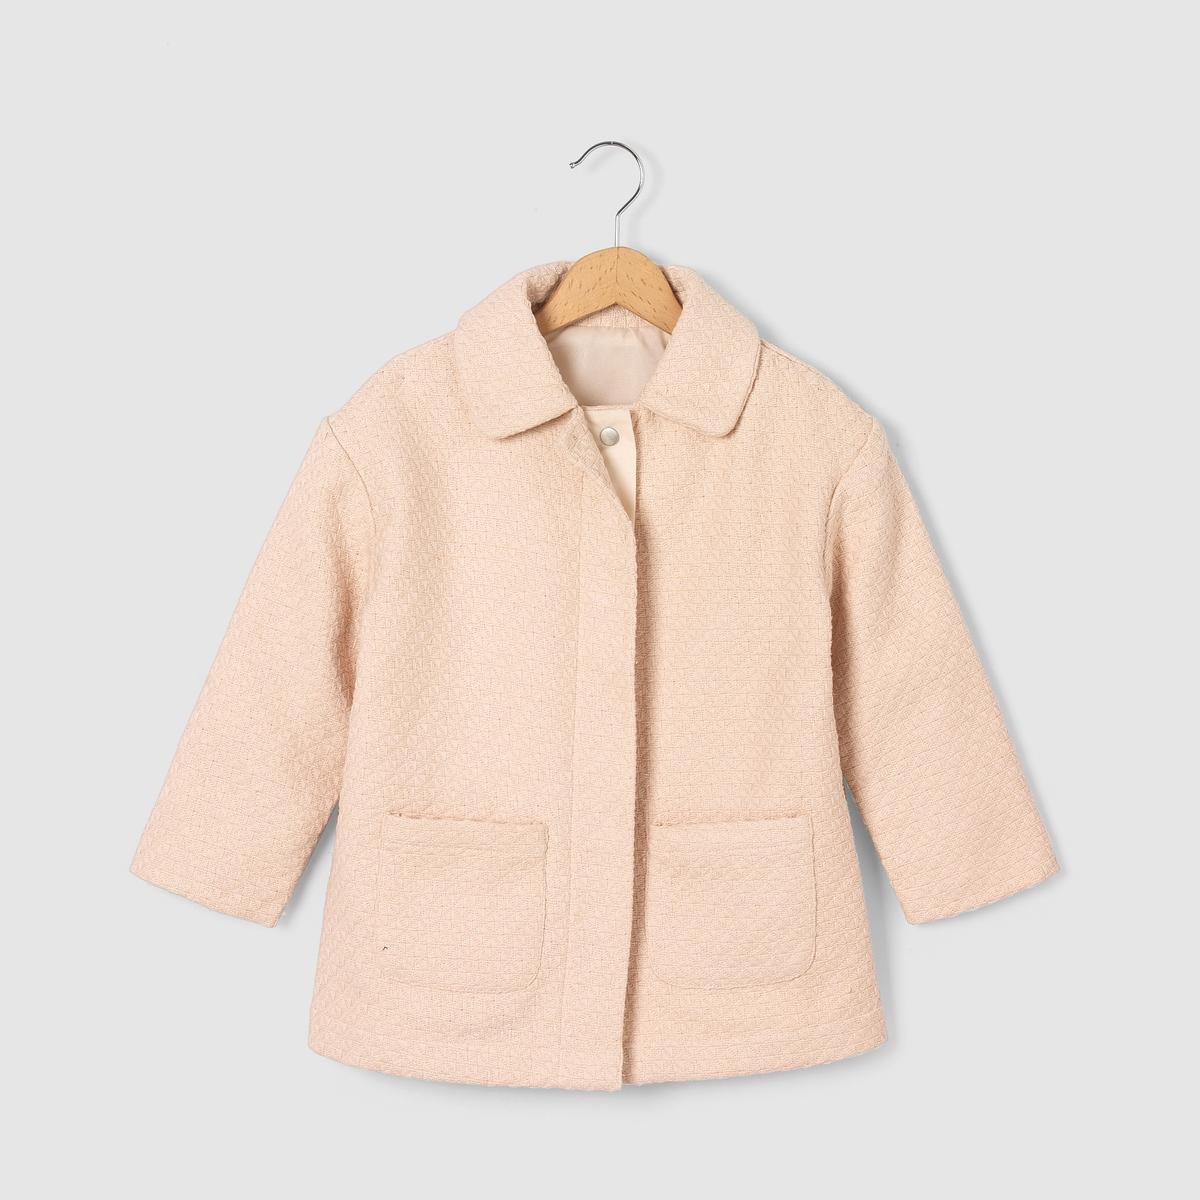 Пальто жаккардовое, 3-12 летЖаккардовое пальто необходимо в каждой гардеробной, оно оживляет любой наряд. Скрытая застежка на кнопки спереди.2 кармана спереди.  Состав и описание : Материал       100% хлопкаПодкладка    100% полиэстераУход :Машинная стирка при 30 °C с вещами схожих цветов.Стирать и гладить с изнаночной стороны.Машинная сушка запрещена.Гладить при умеренной температуре.<br><br>Цвет: розовый